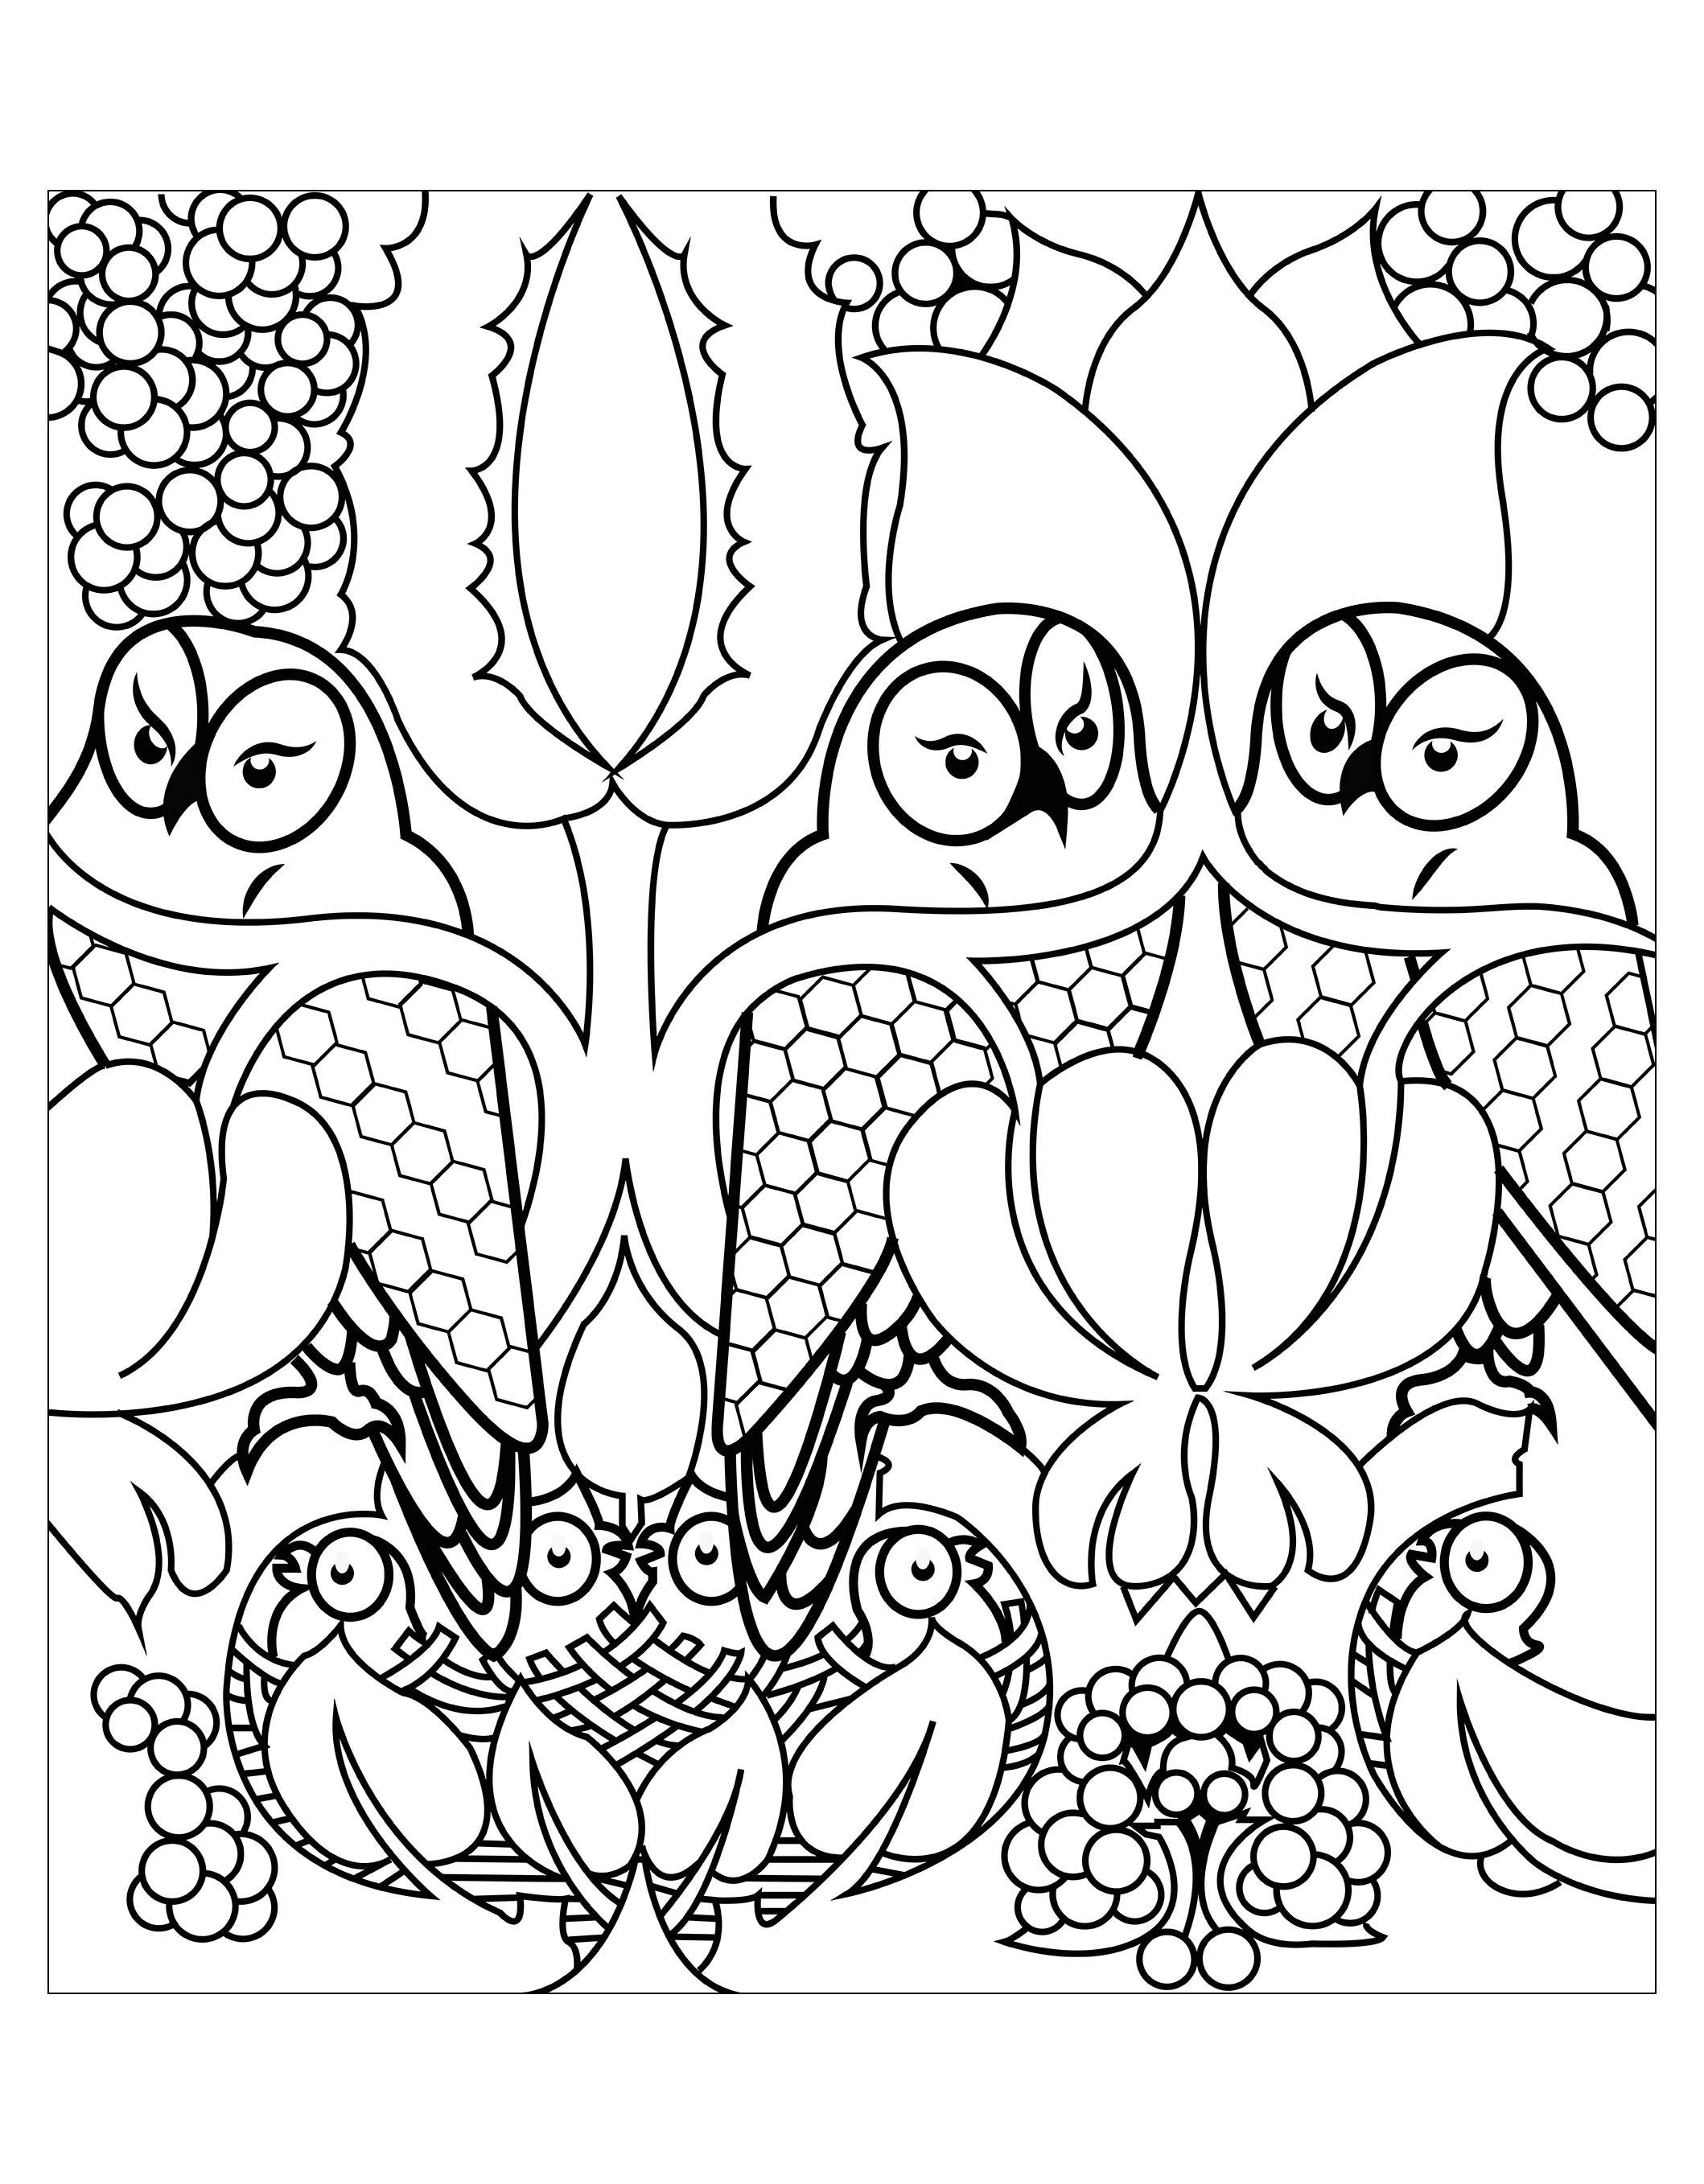 Disegni da colorare per adulti : Gufi - 1